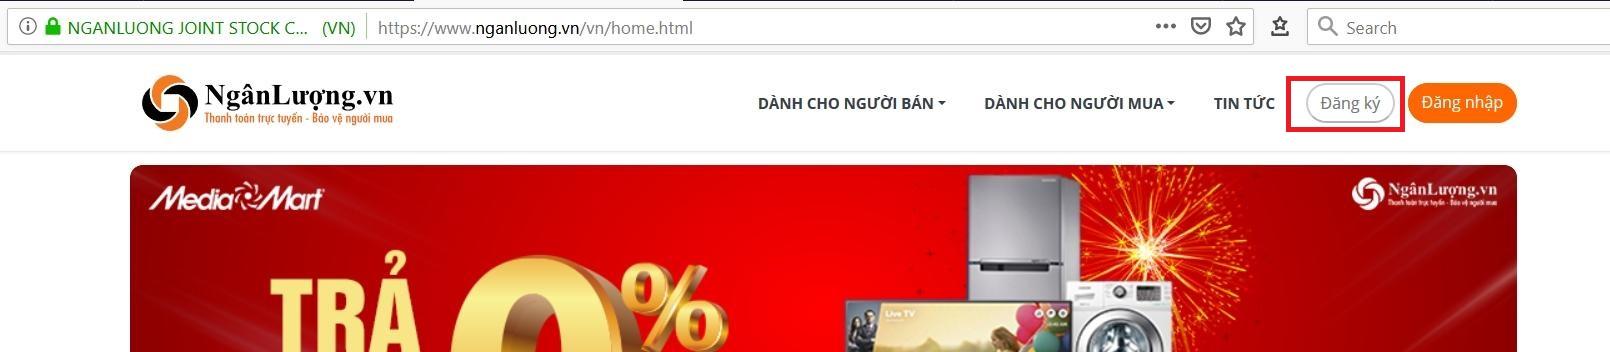 Truy cập vào trang web nganluong.vn